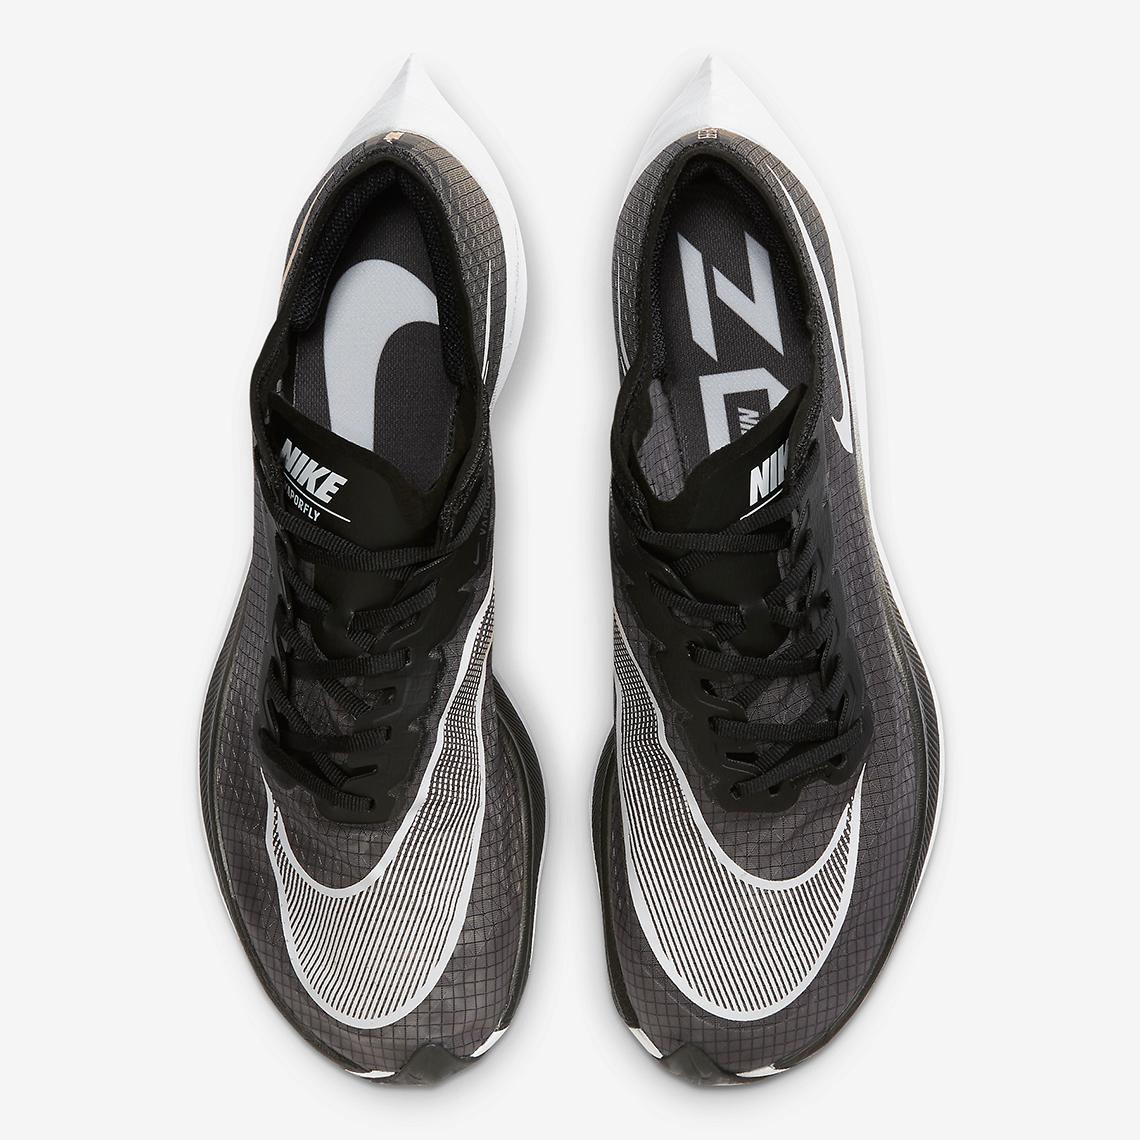 Nike VaporFly NEXT% Black White AO4568